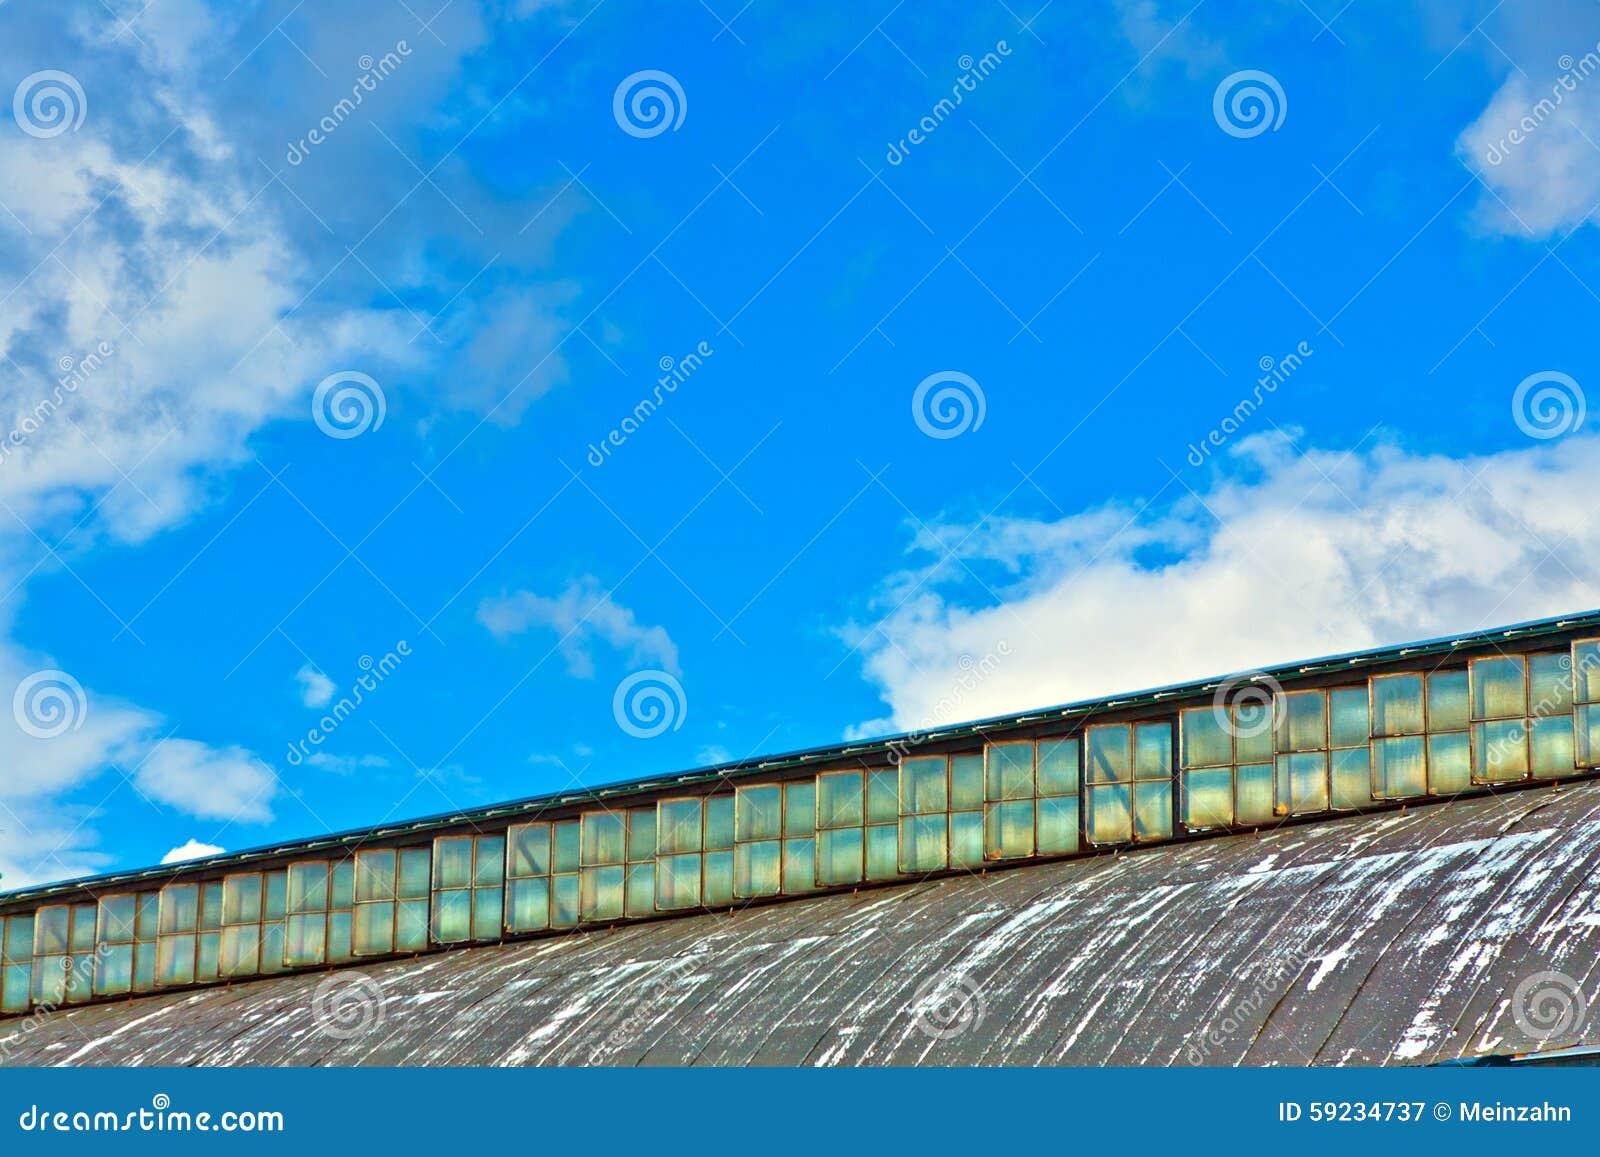 Download Detalle De La Vieja Estación De Tren Classicistical Imagen de archivo - Imagen de ciudad, commuting: 59234737